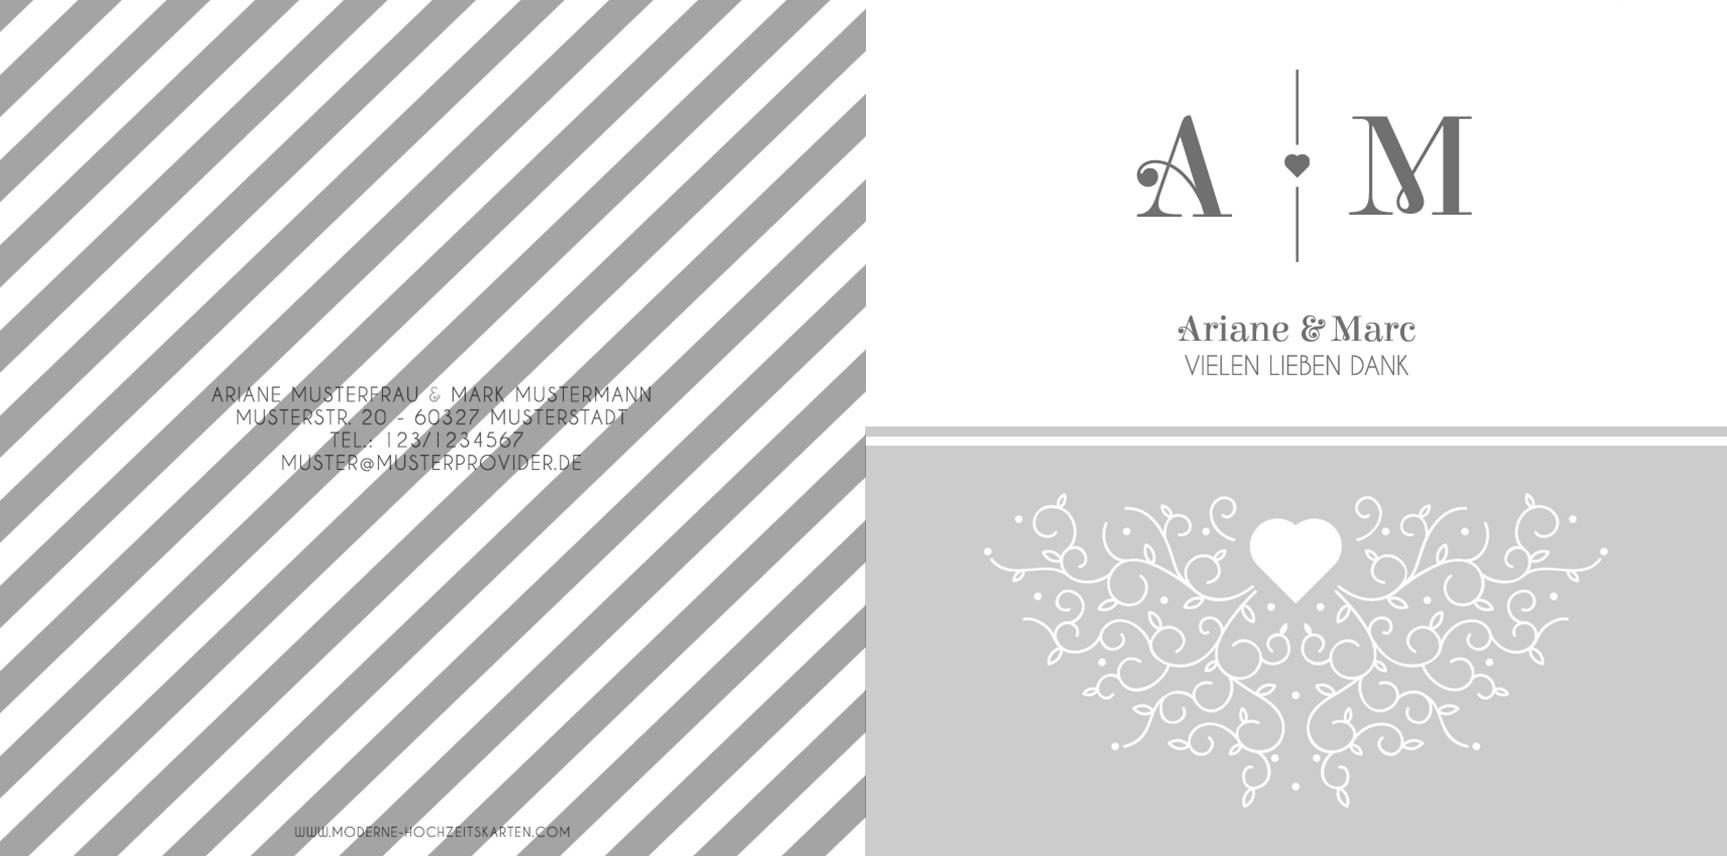 DKQ_editor-arZ4DEk2VsxmvS0